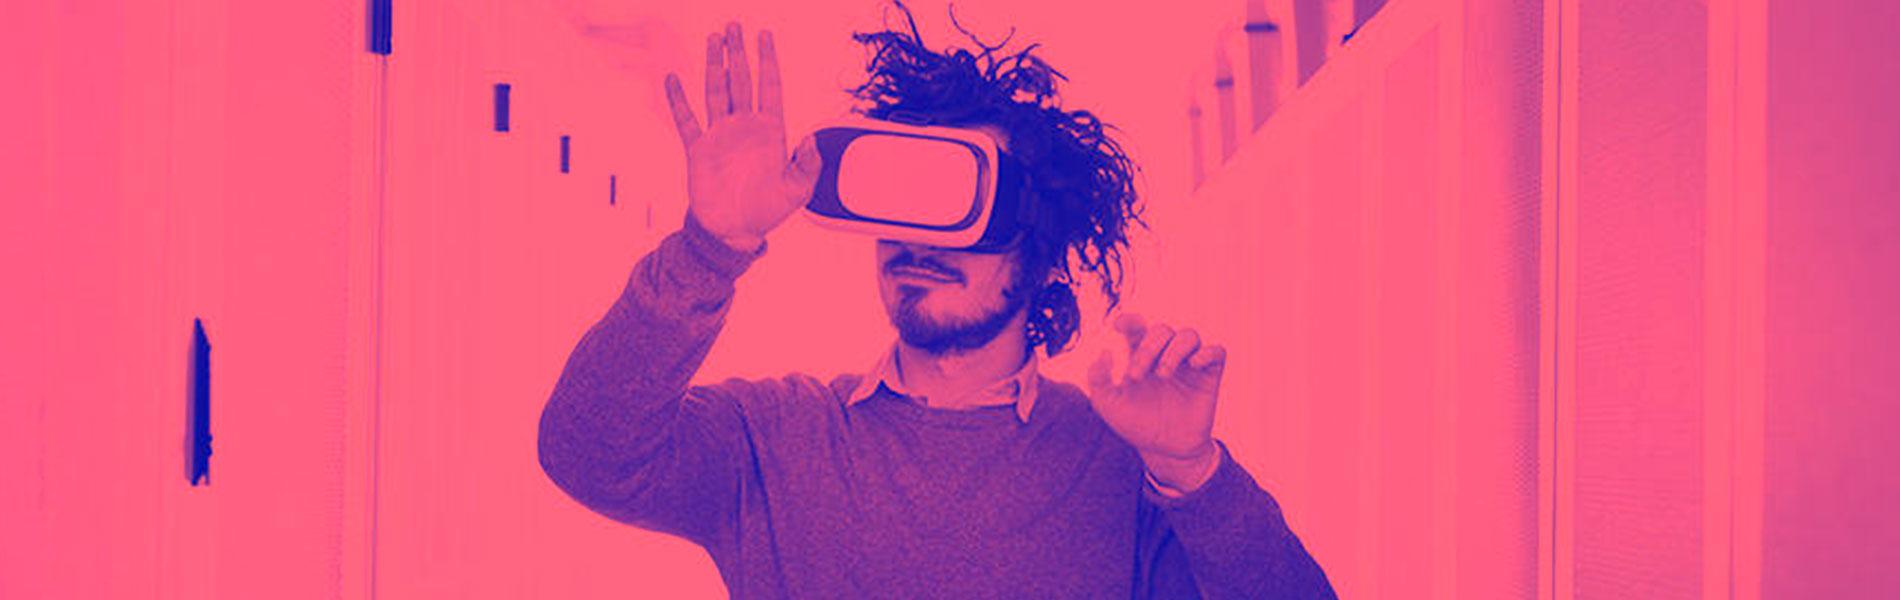 La realidad virtual en el futuro: tecnología con proyección